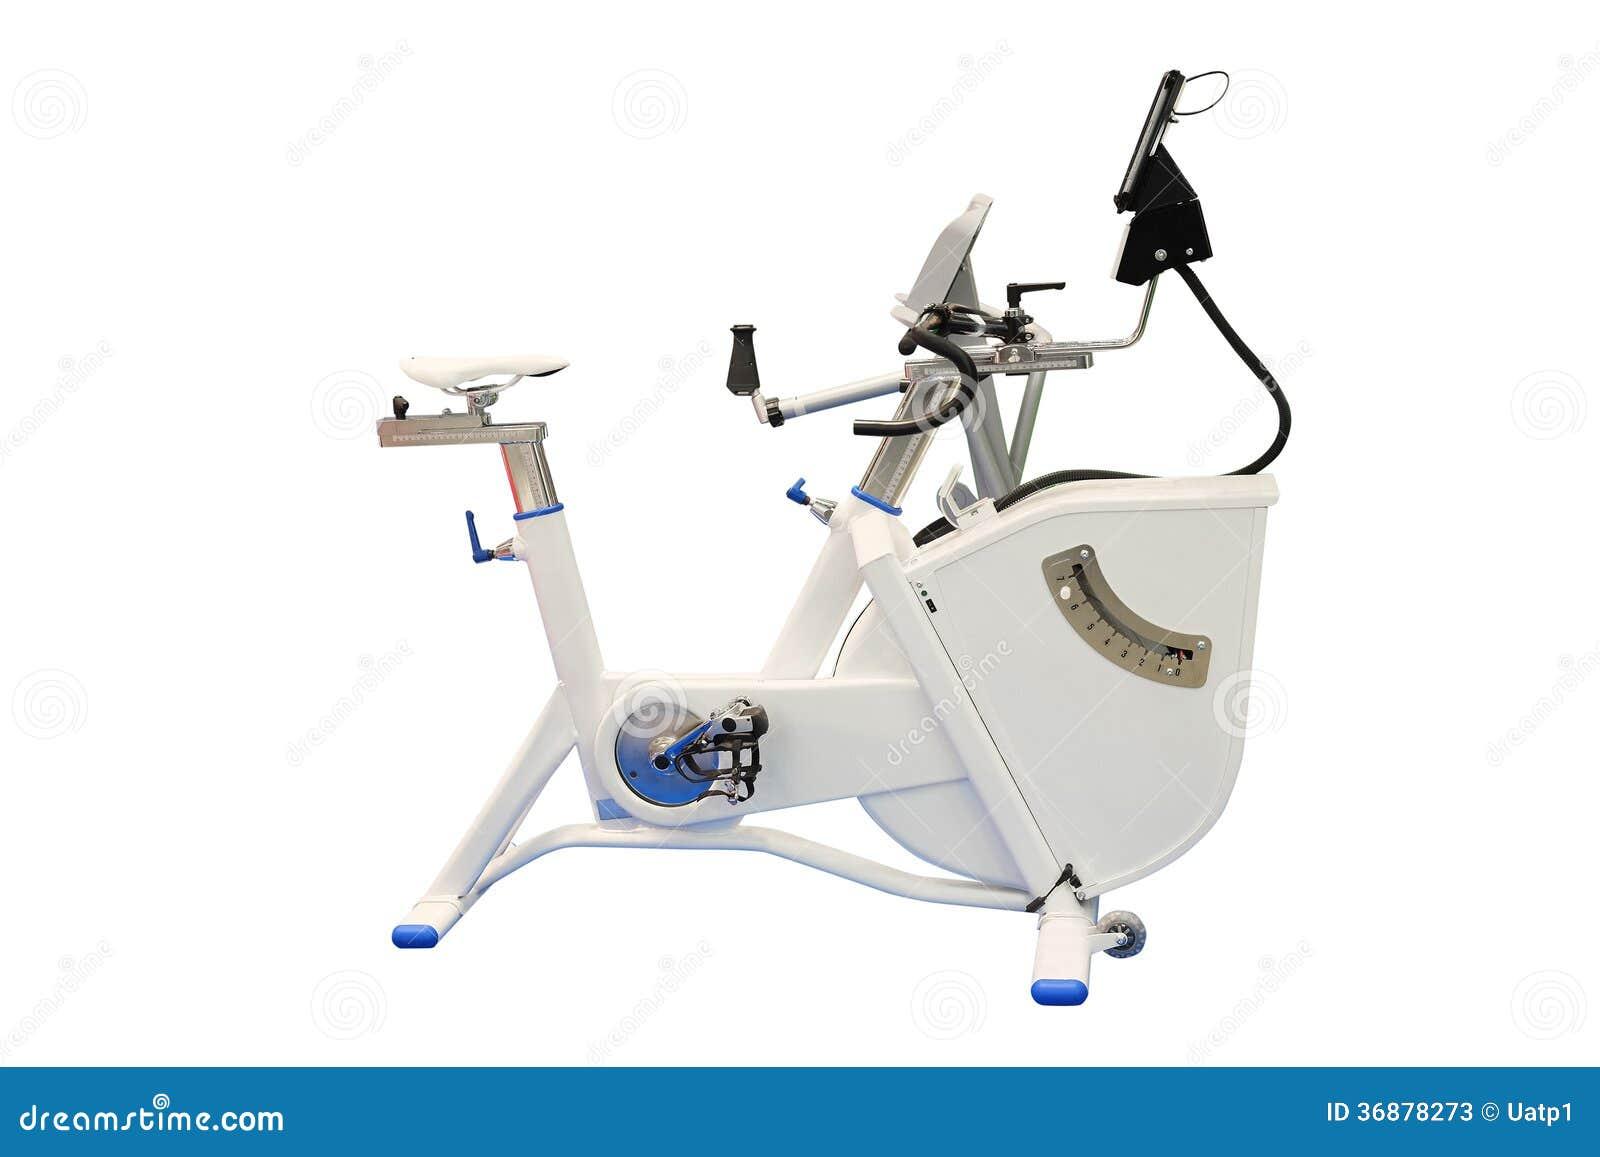 Download Bicicletta di esercizio immagine stock. Immagine di potenza - 36878273